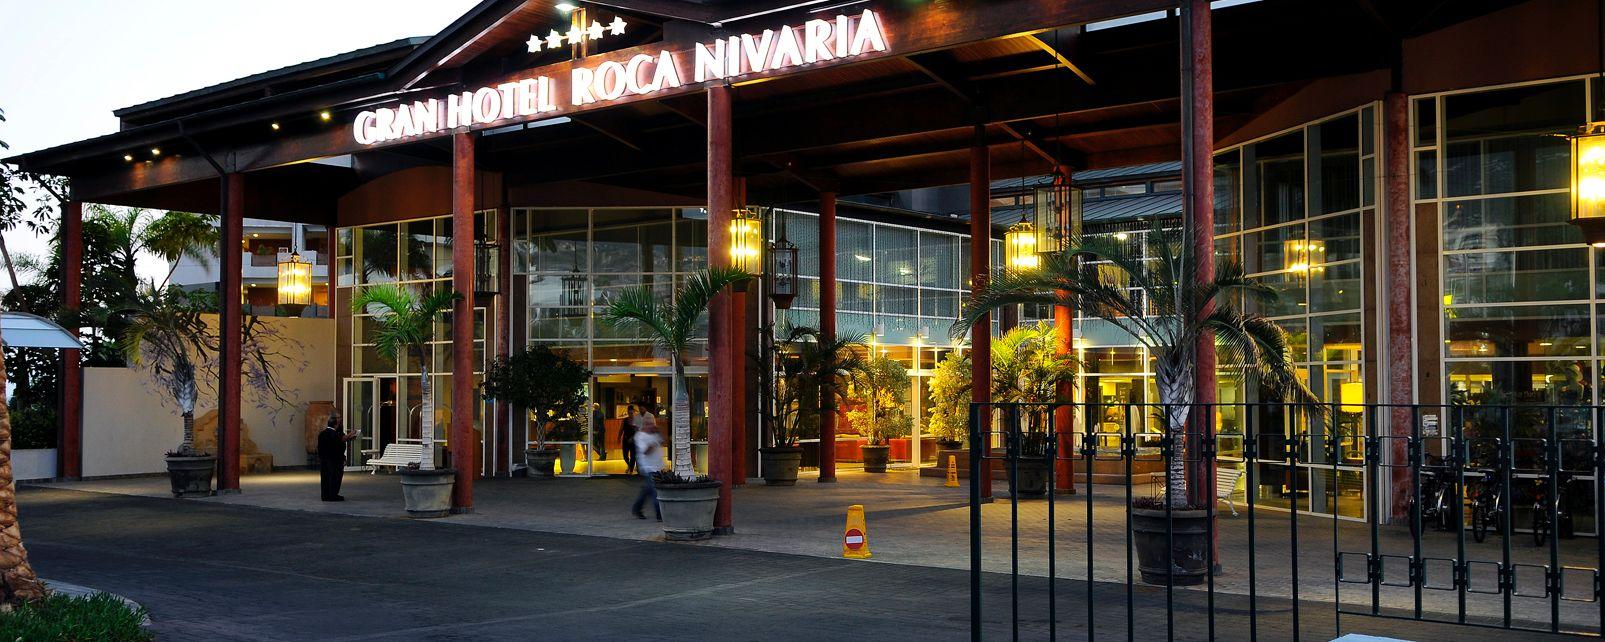 Hôtel Roca Nivaria